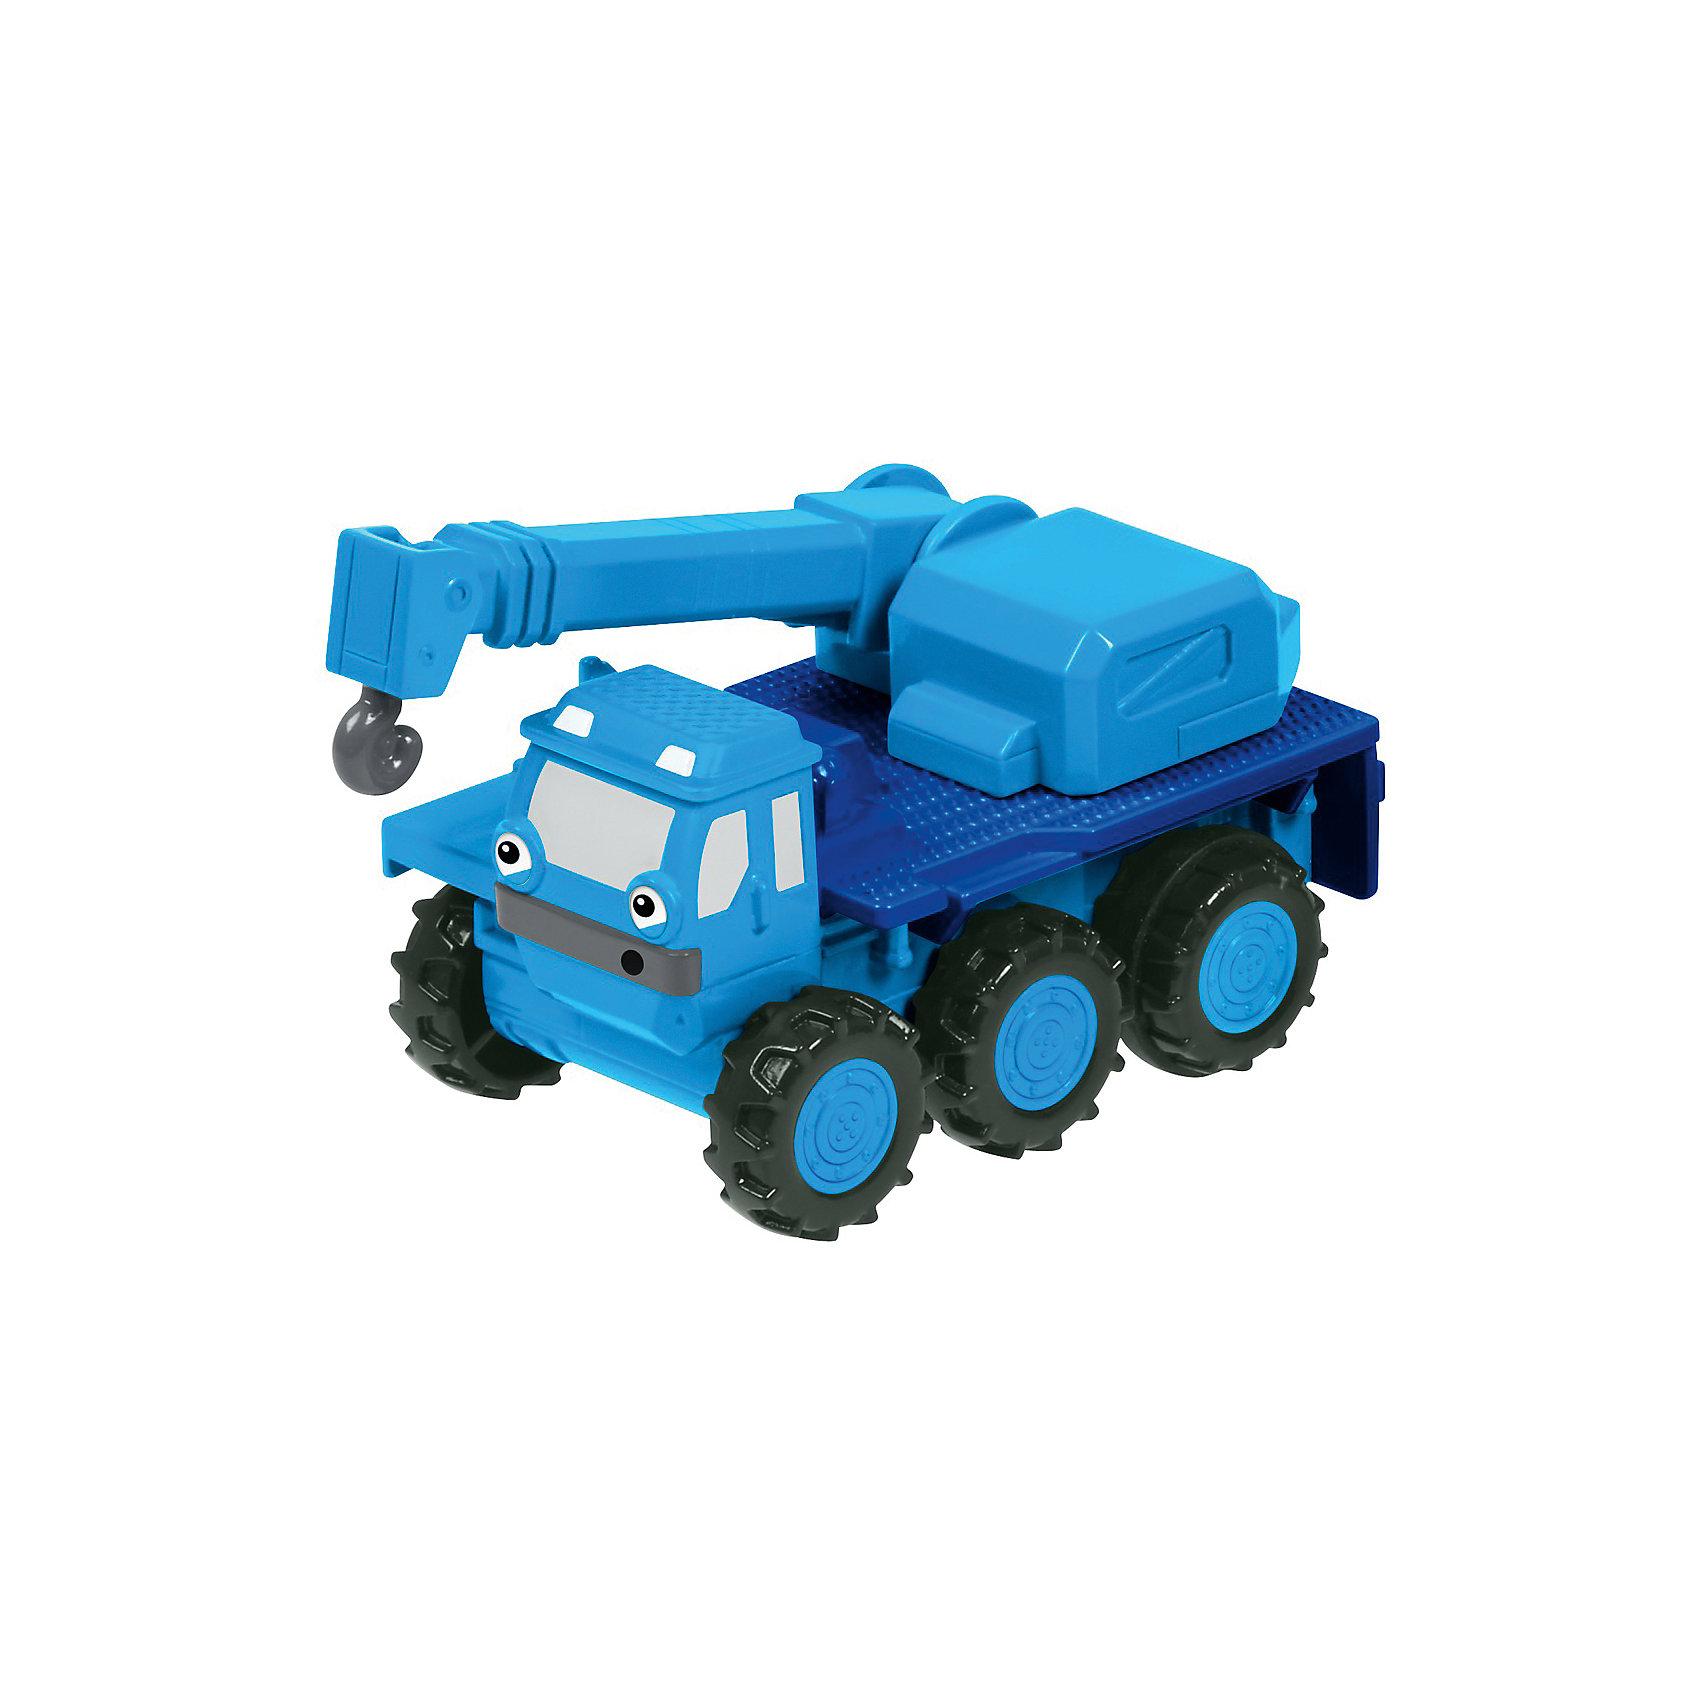 Инерционное транспортное средство Fisher-Price Боб-строительМашинки<br>Характеристики товара:<br><br>• возраст: от 3 лет;<br>• цвет: синий<br>• материал: пластик;<br>• упаковка: коробка;<br>• страна бренда: США<br><br>Автокран «Боб-строитель» разнообразит игру малыша как дома, так и на прогулке. Потяни его назад, отпусти и смотри, как он умчится вперед! <br><br>Собери все самоходные грузовики Боба-строителя и создай крутой автопарк строительных машин.<br><br>Автокран Fisher-Price Боб-строитель можно купить в нашем интернет-магазине.<br><br>Ширина мм: 60<br>Глубина мм: 60<br>Высота мм: 90<br>Вес г: 90<br>Возраст от месяцев: 36<br>Возраст до месяцев: 2147483647<br>Пол: Унисекс<br>Возраст: Детский<br>SKU: 7014779